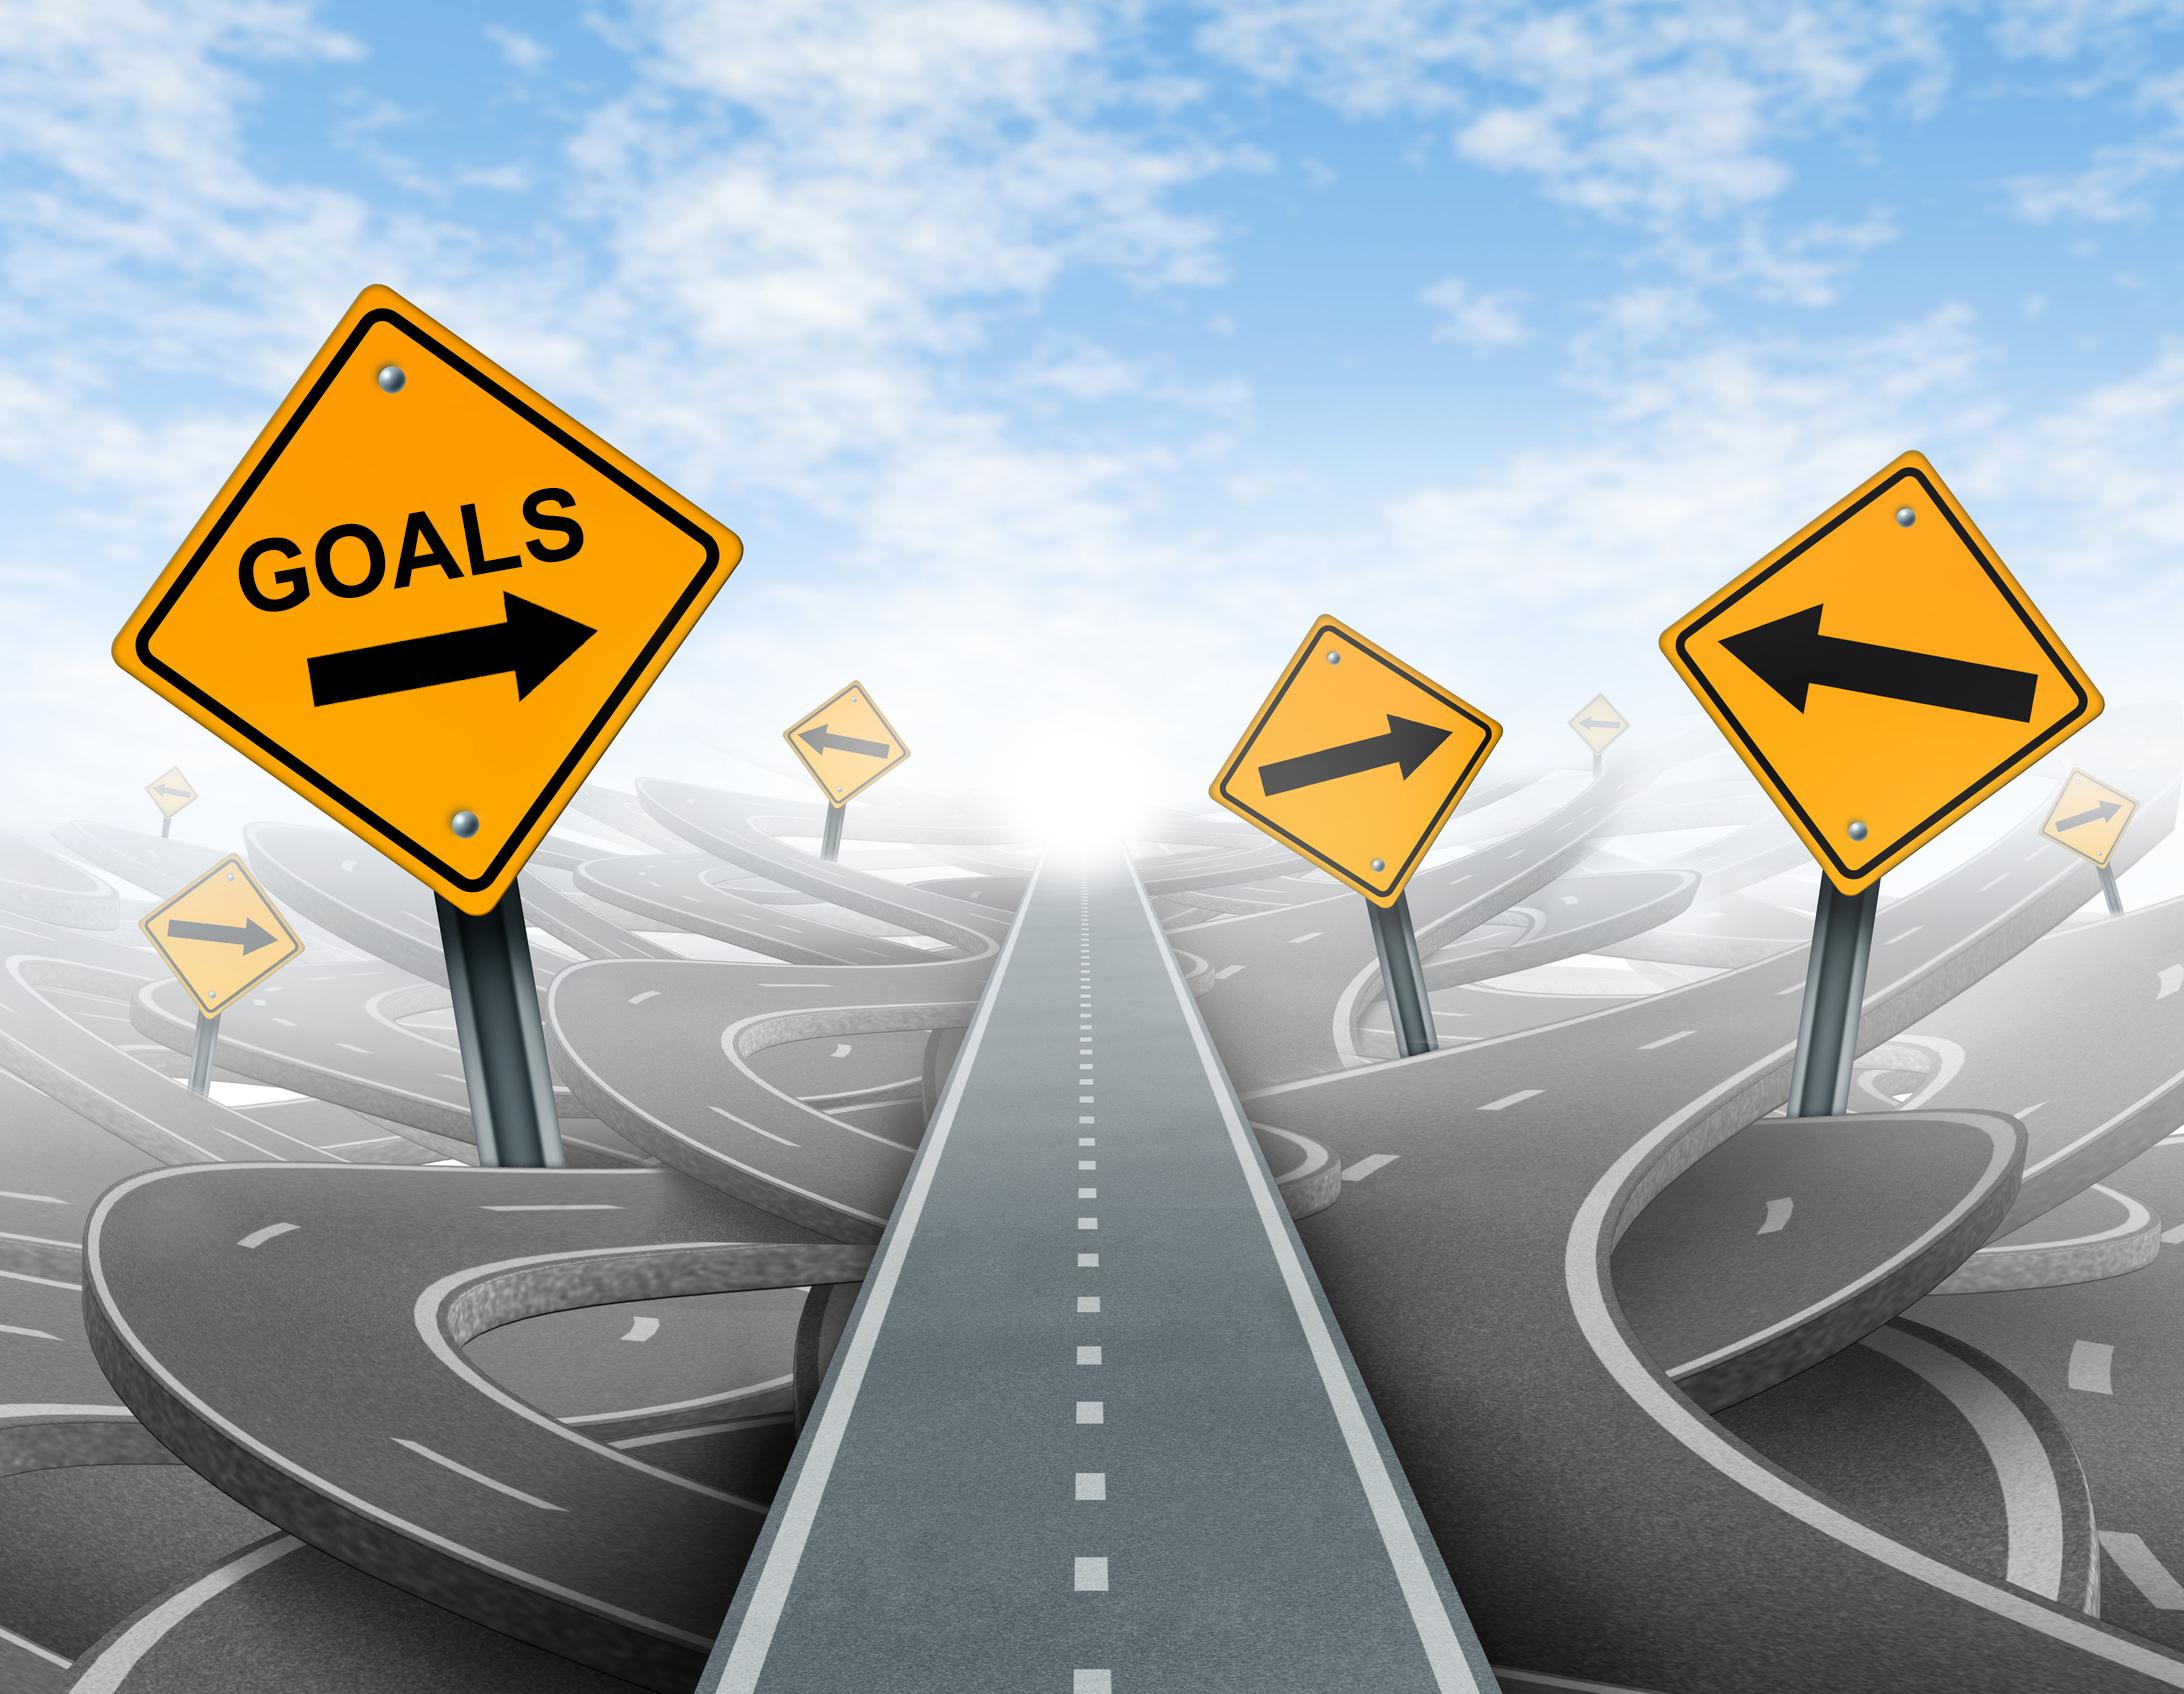 اهداف اصلی زندگی